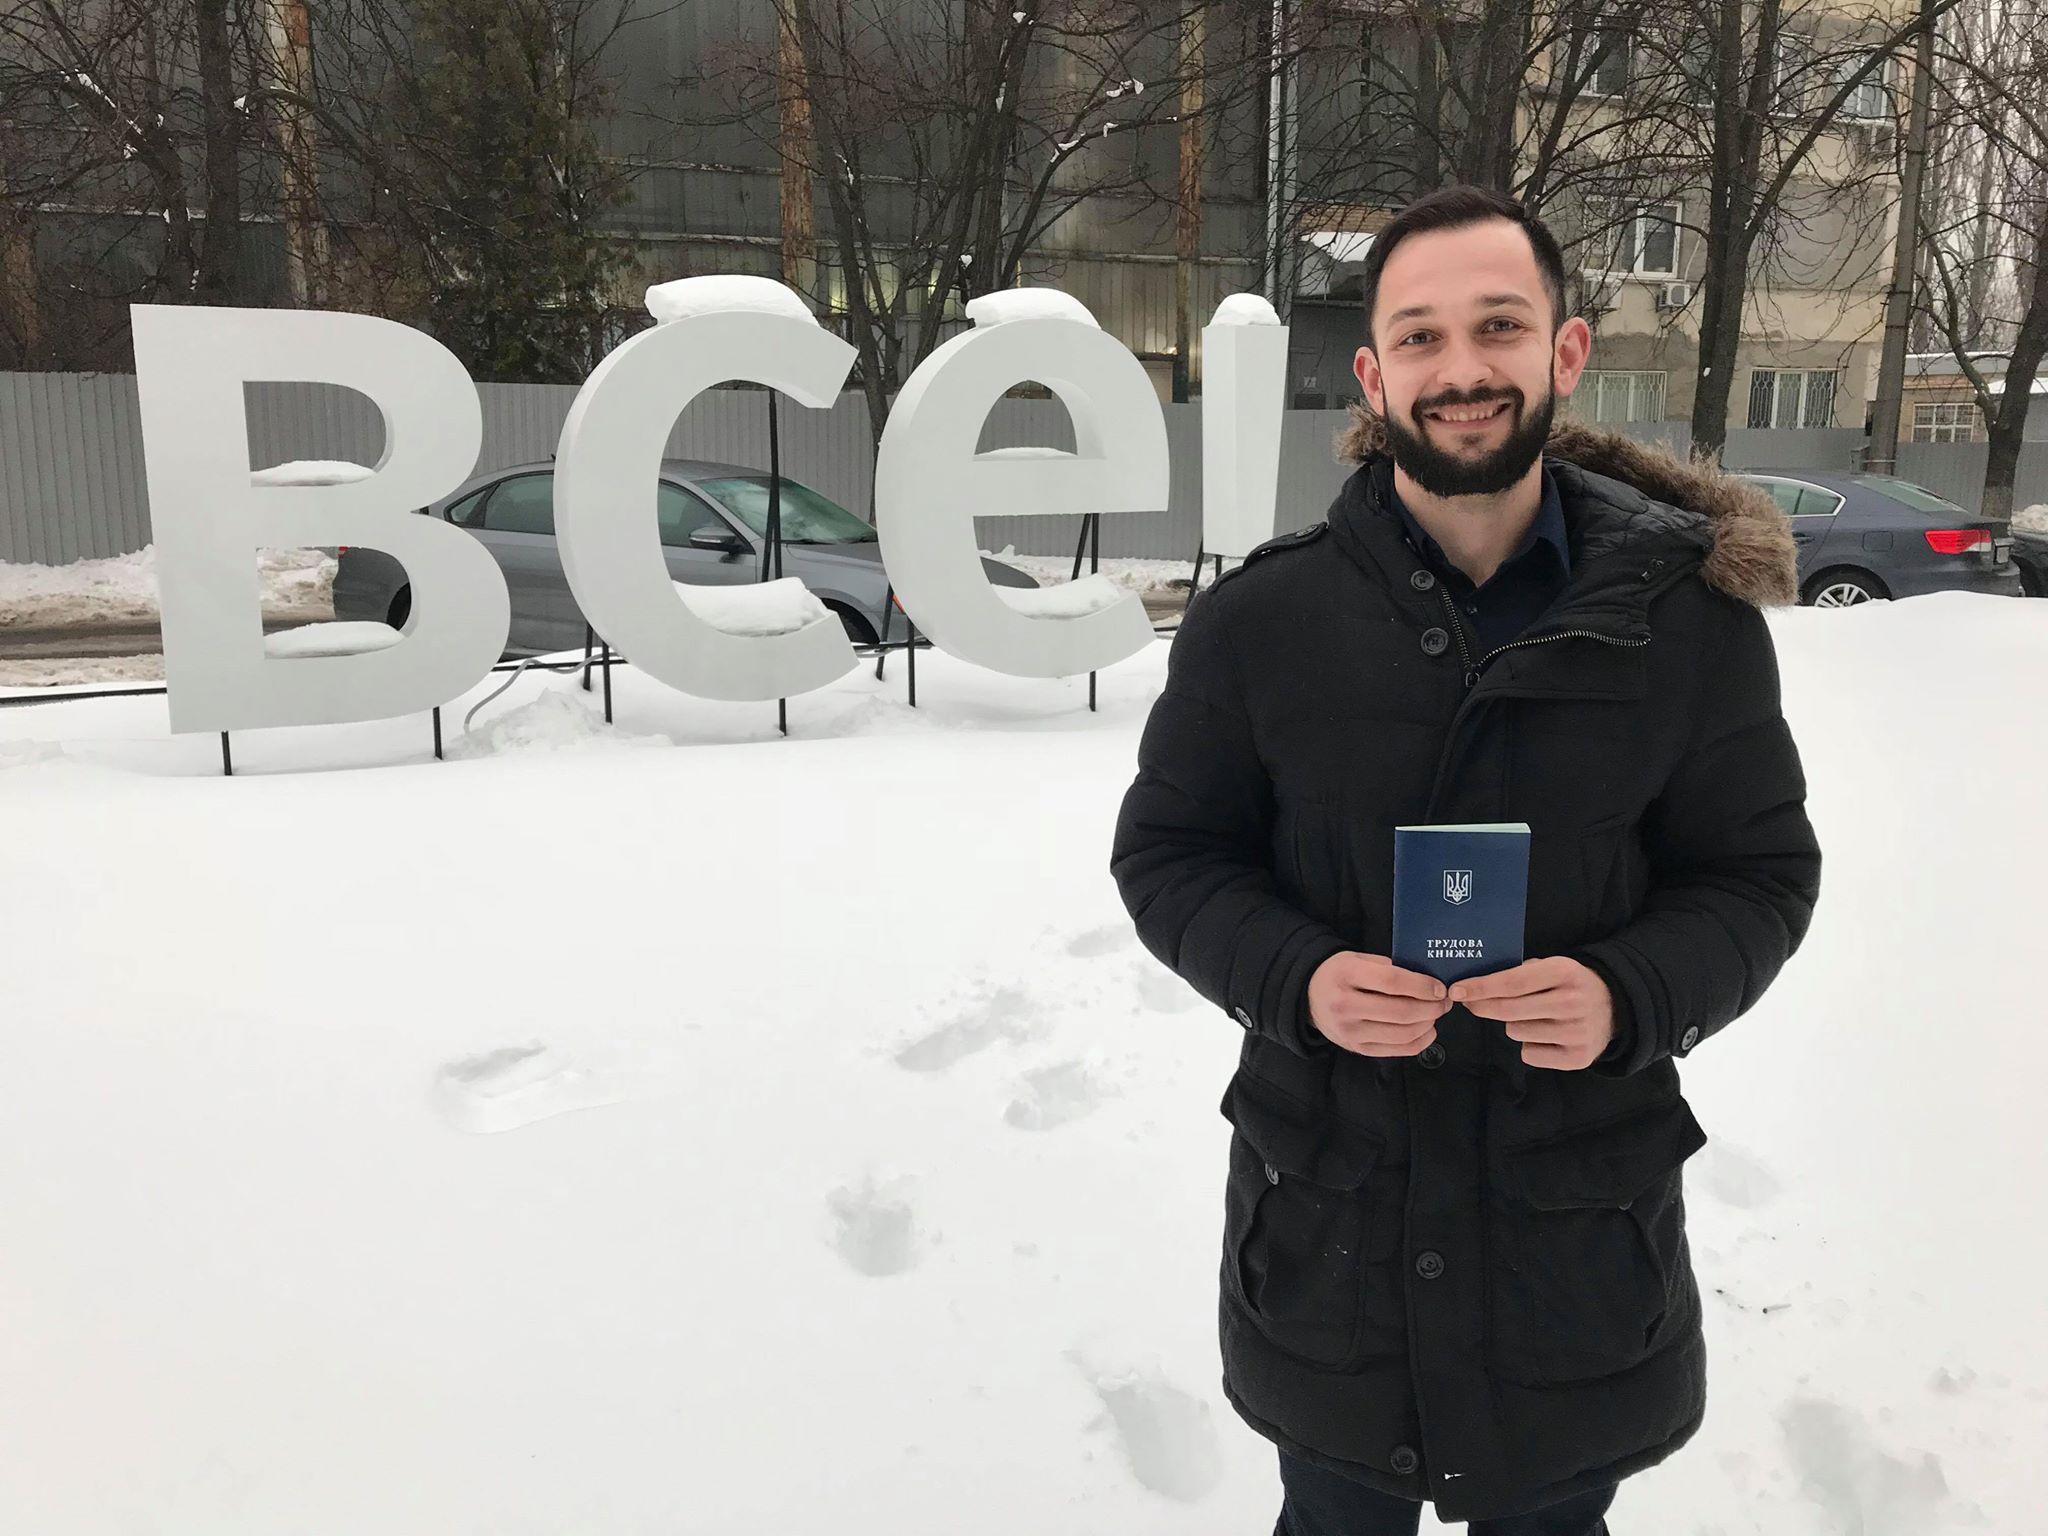 Сергій Стеценко звільнився з СТБ і працюватиме на «Радіо Свободі» у Празі